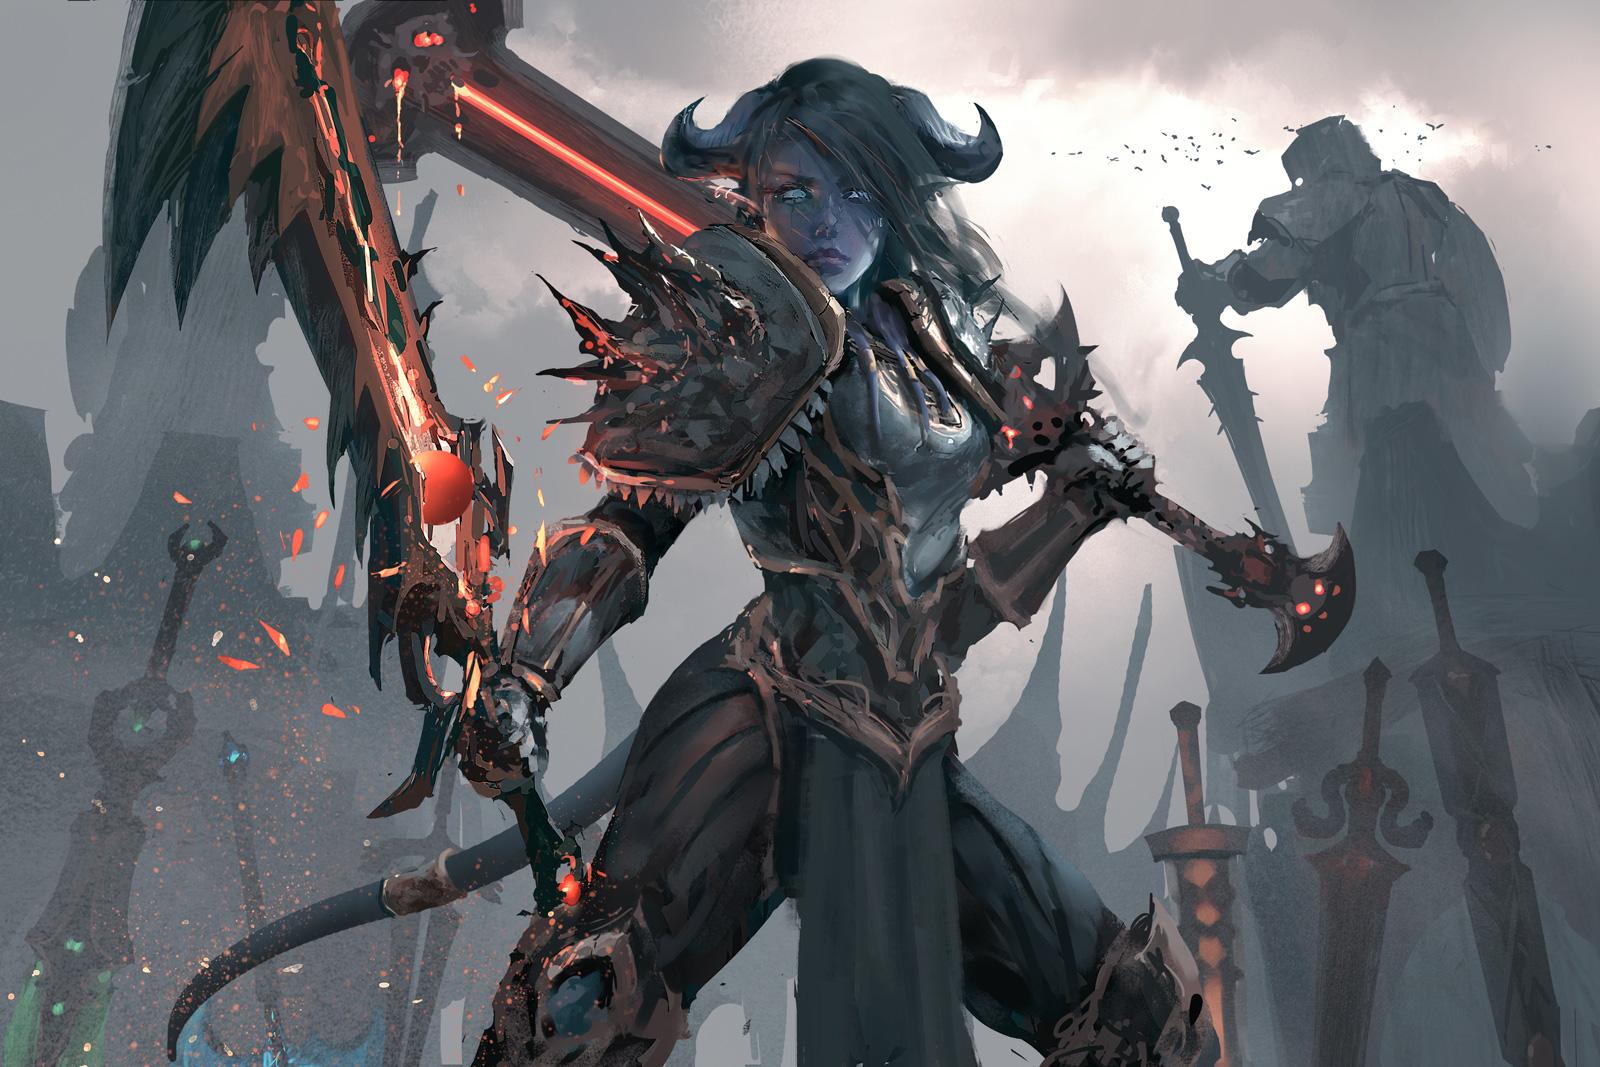 Warrior - World of Warcraft